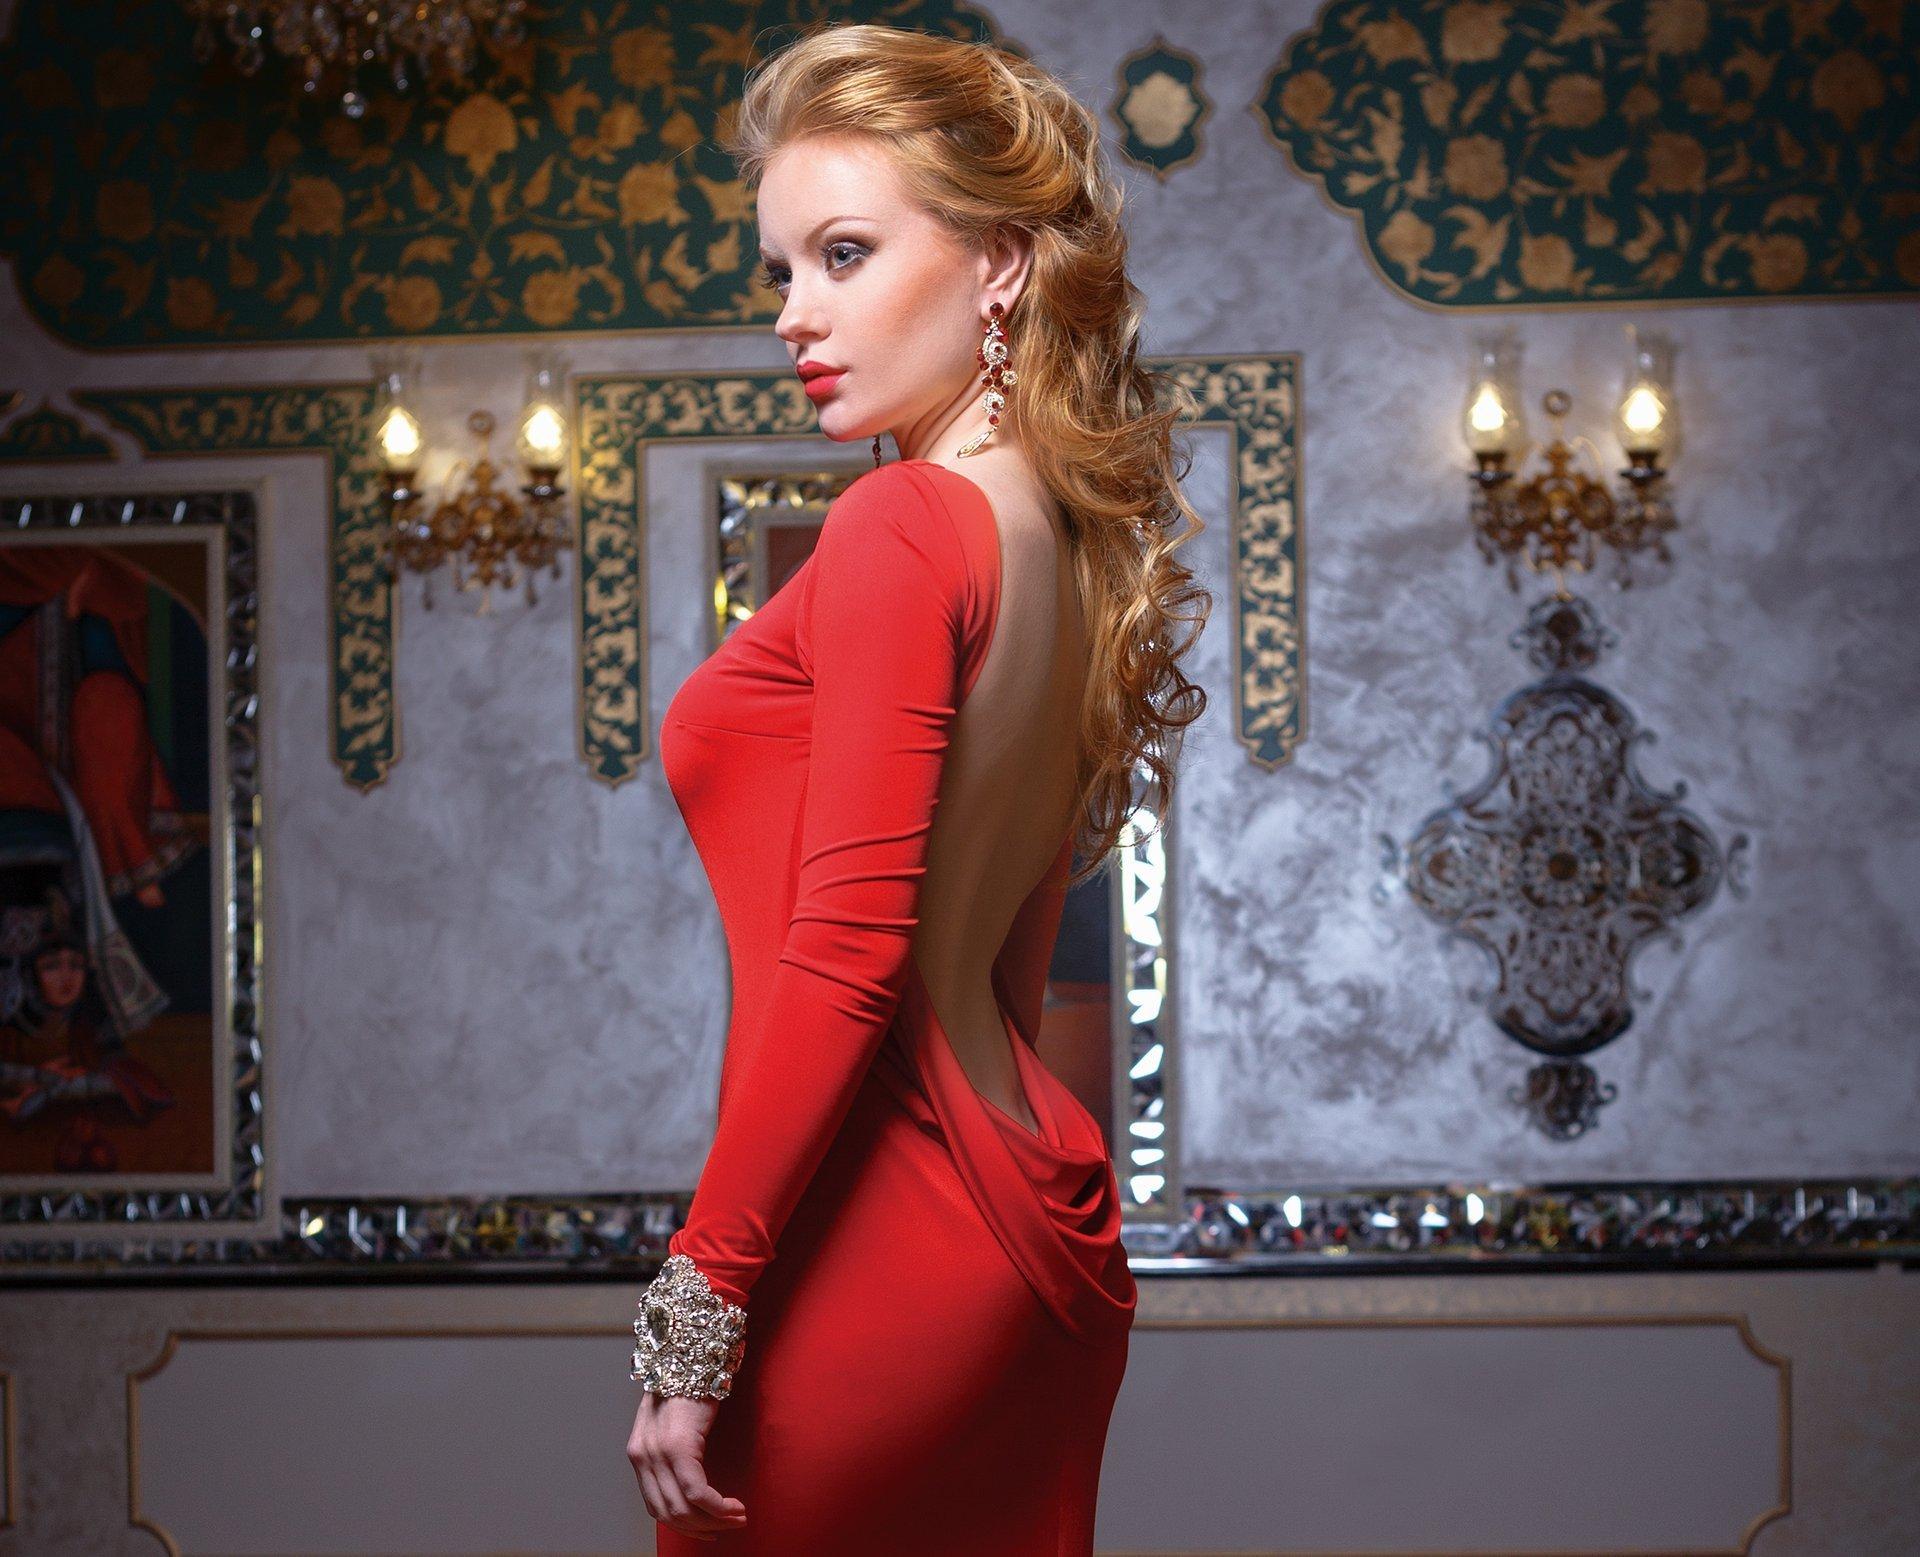 Красивая блондинка в красном платье 10